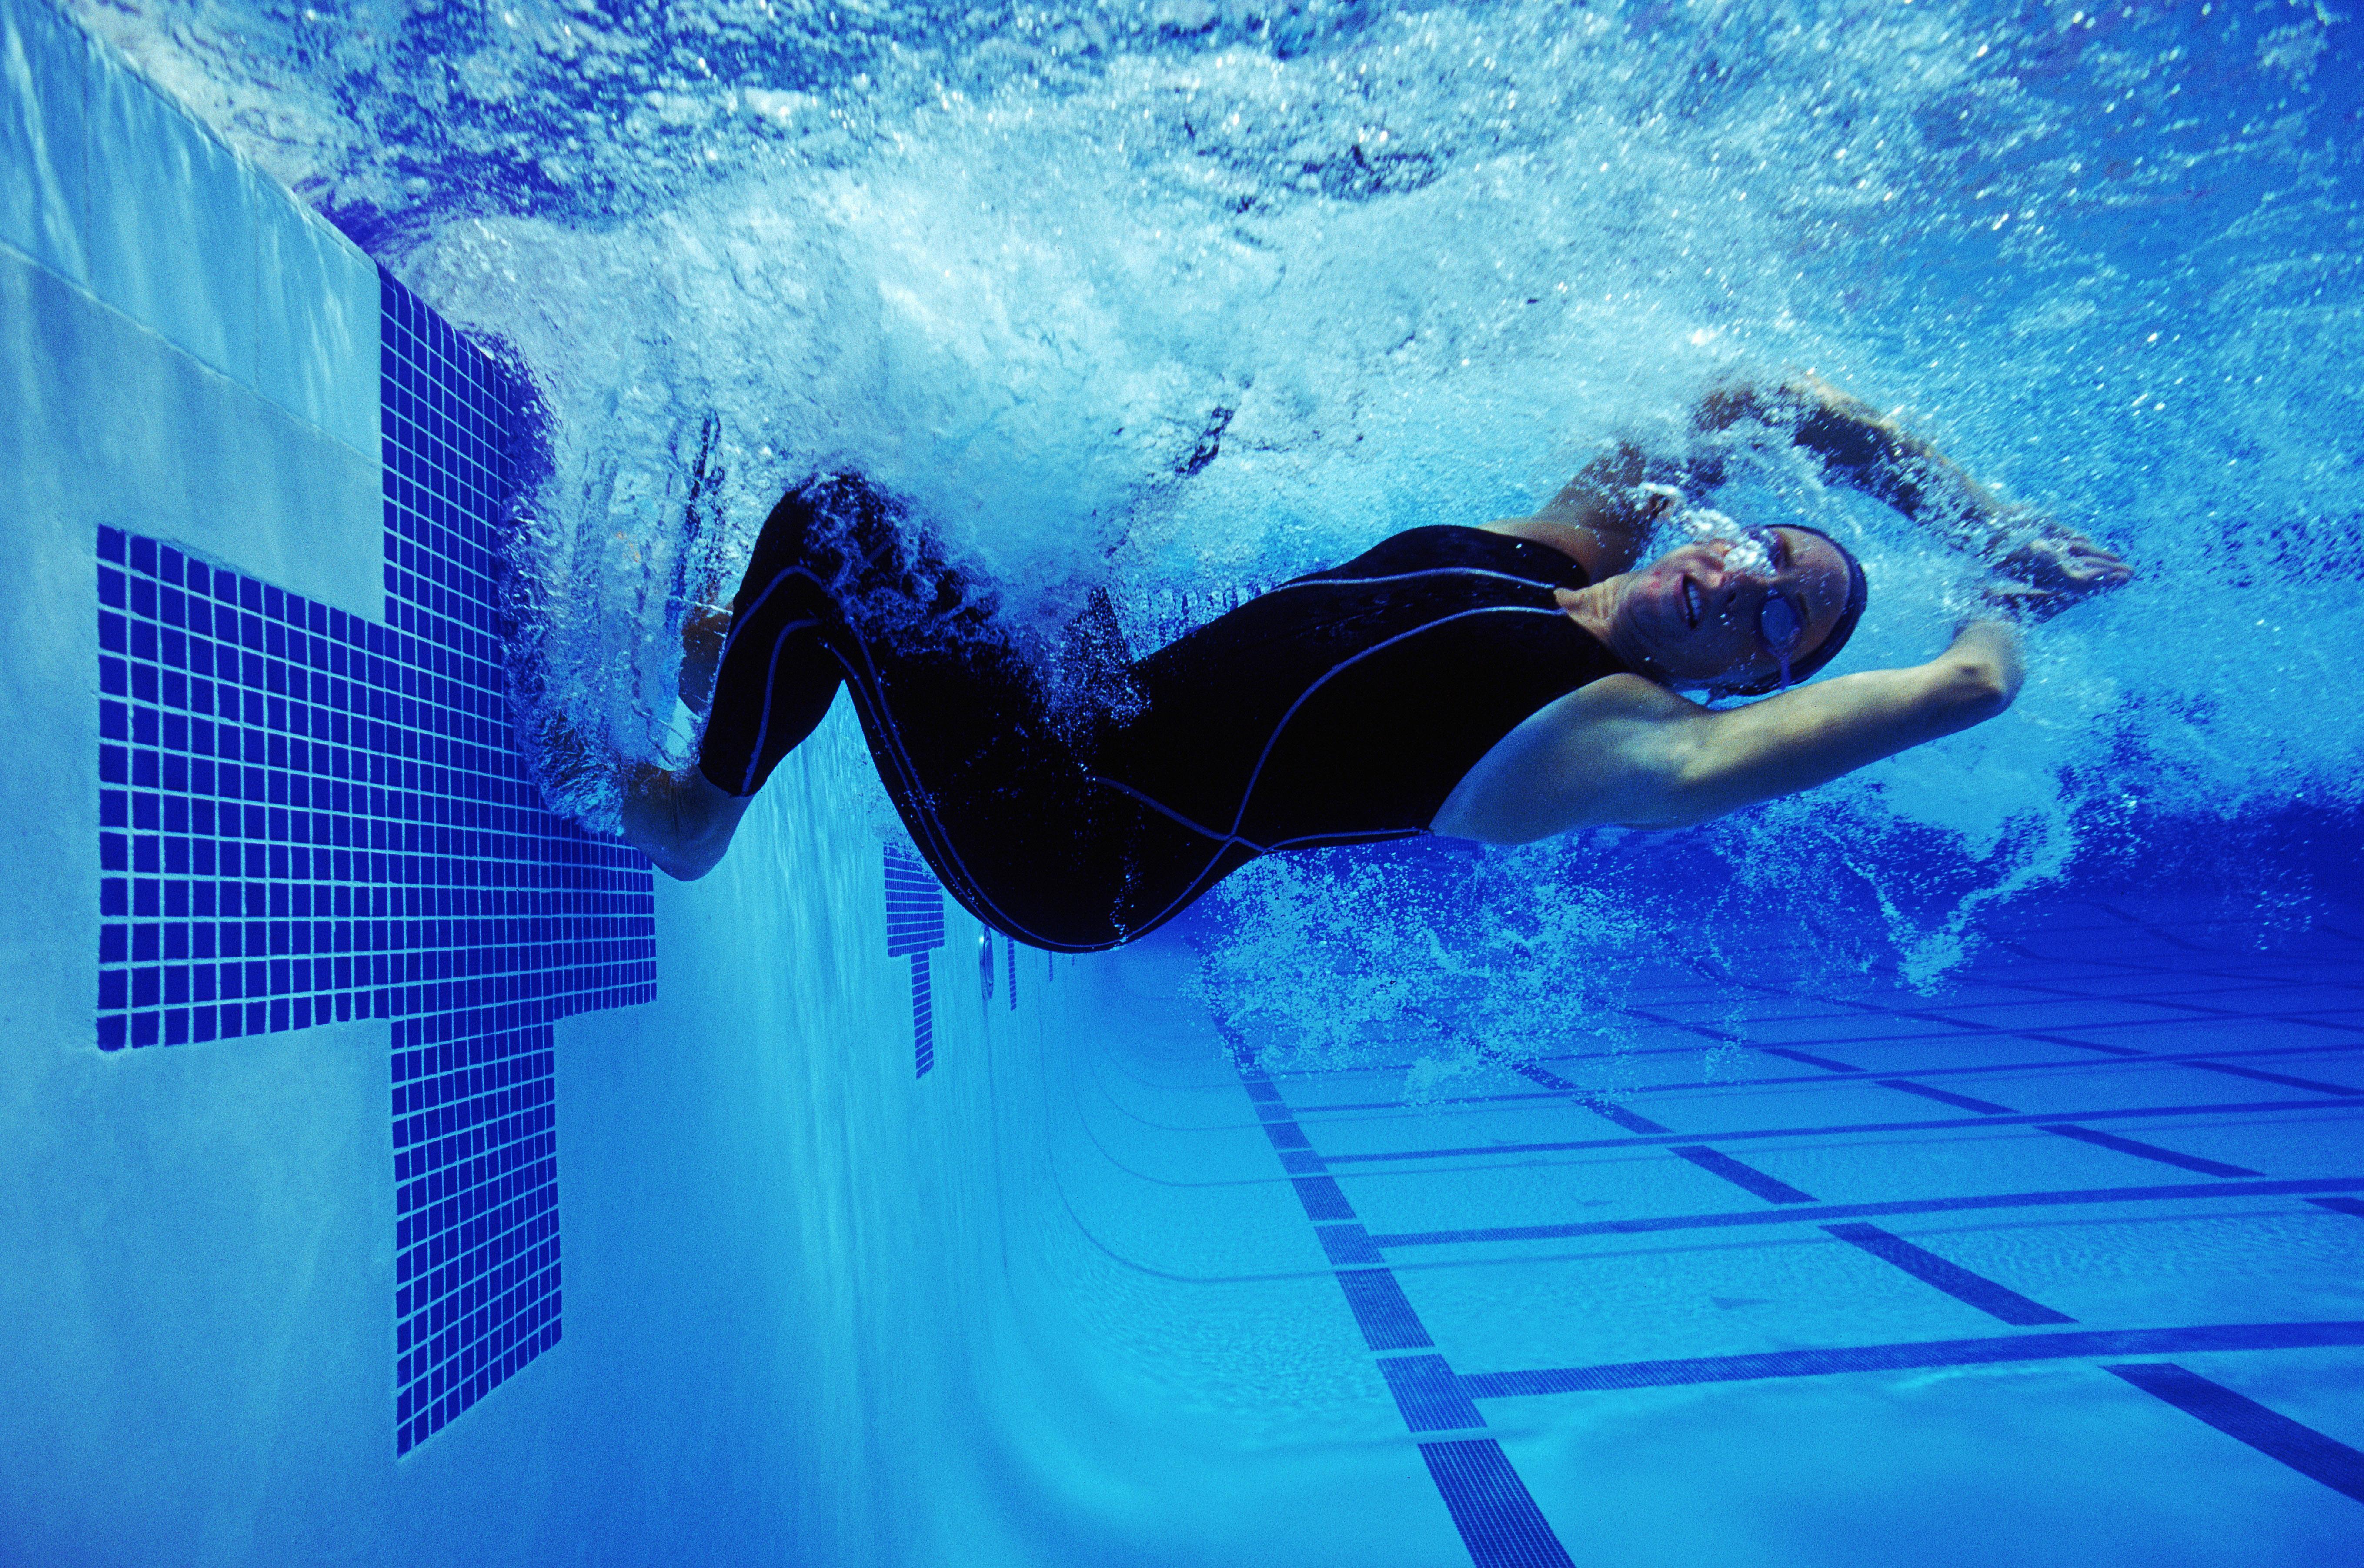 Какие мышцы работают при плавании в бассейне: обзор